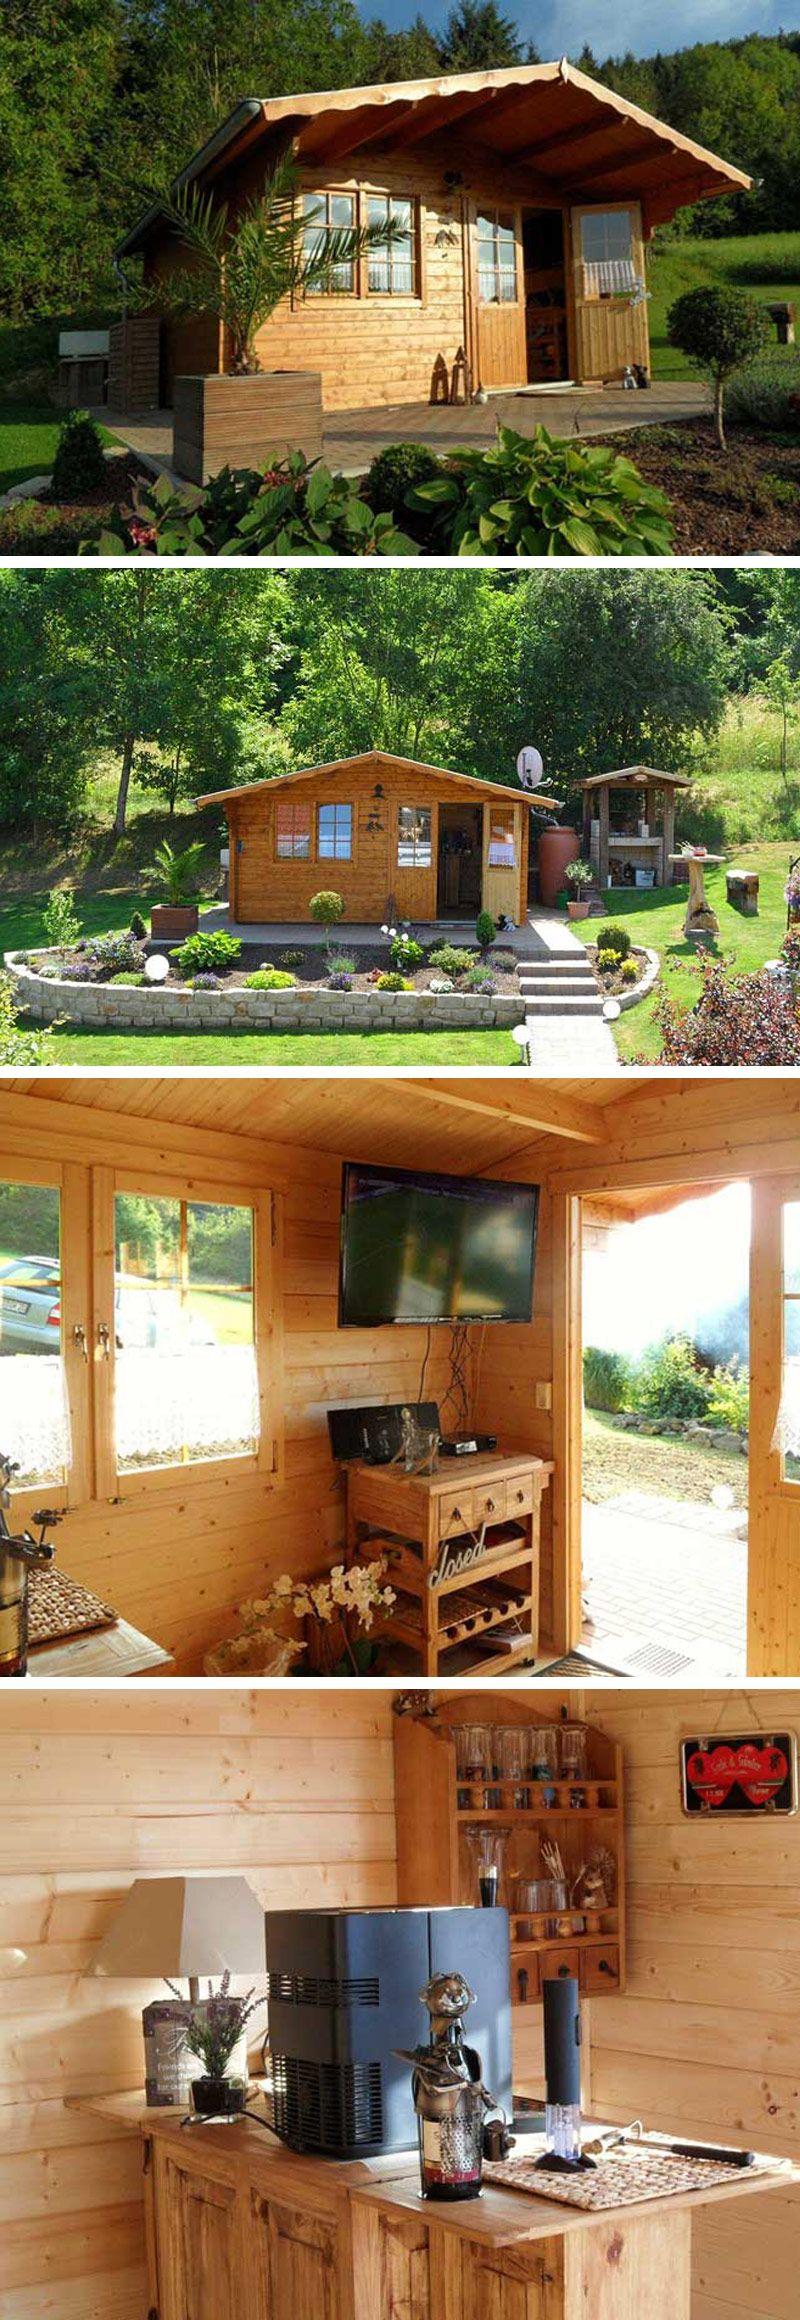 Gartenhaus in Hanglage Aufbau, Einrichtung und